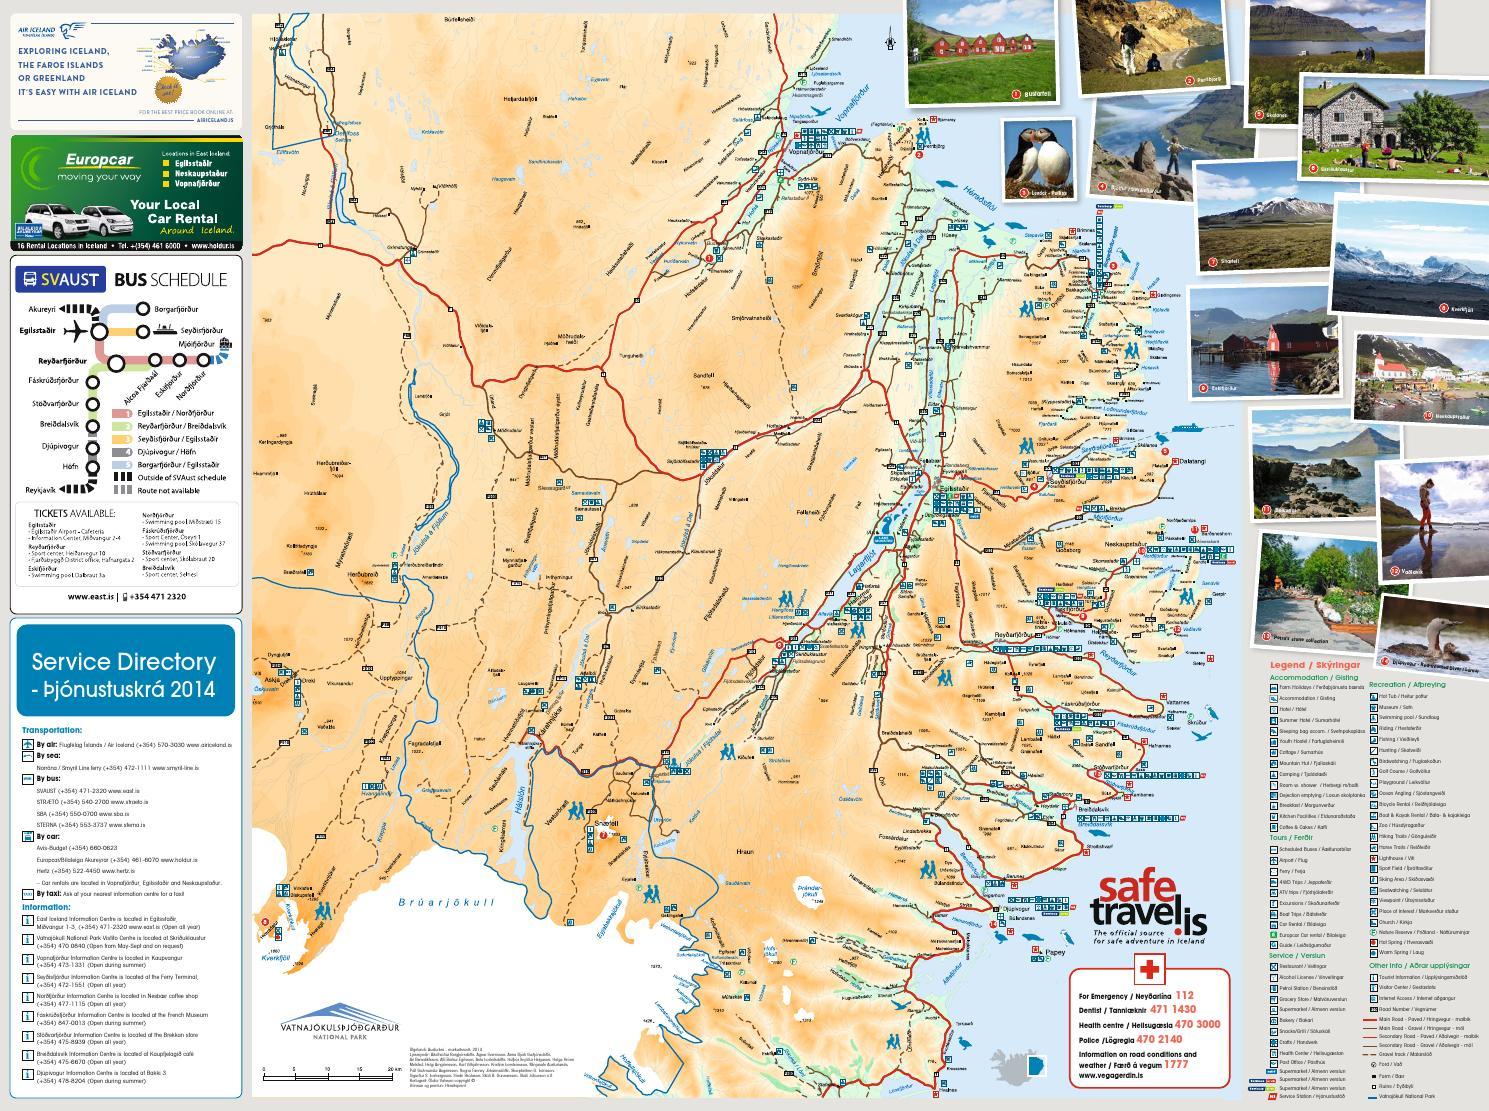 Austurland Kort 2014 By Austurbru Ses Issuu